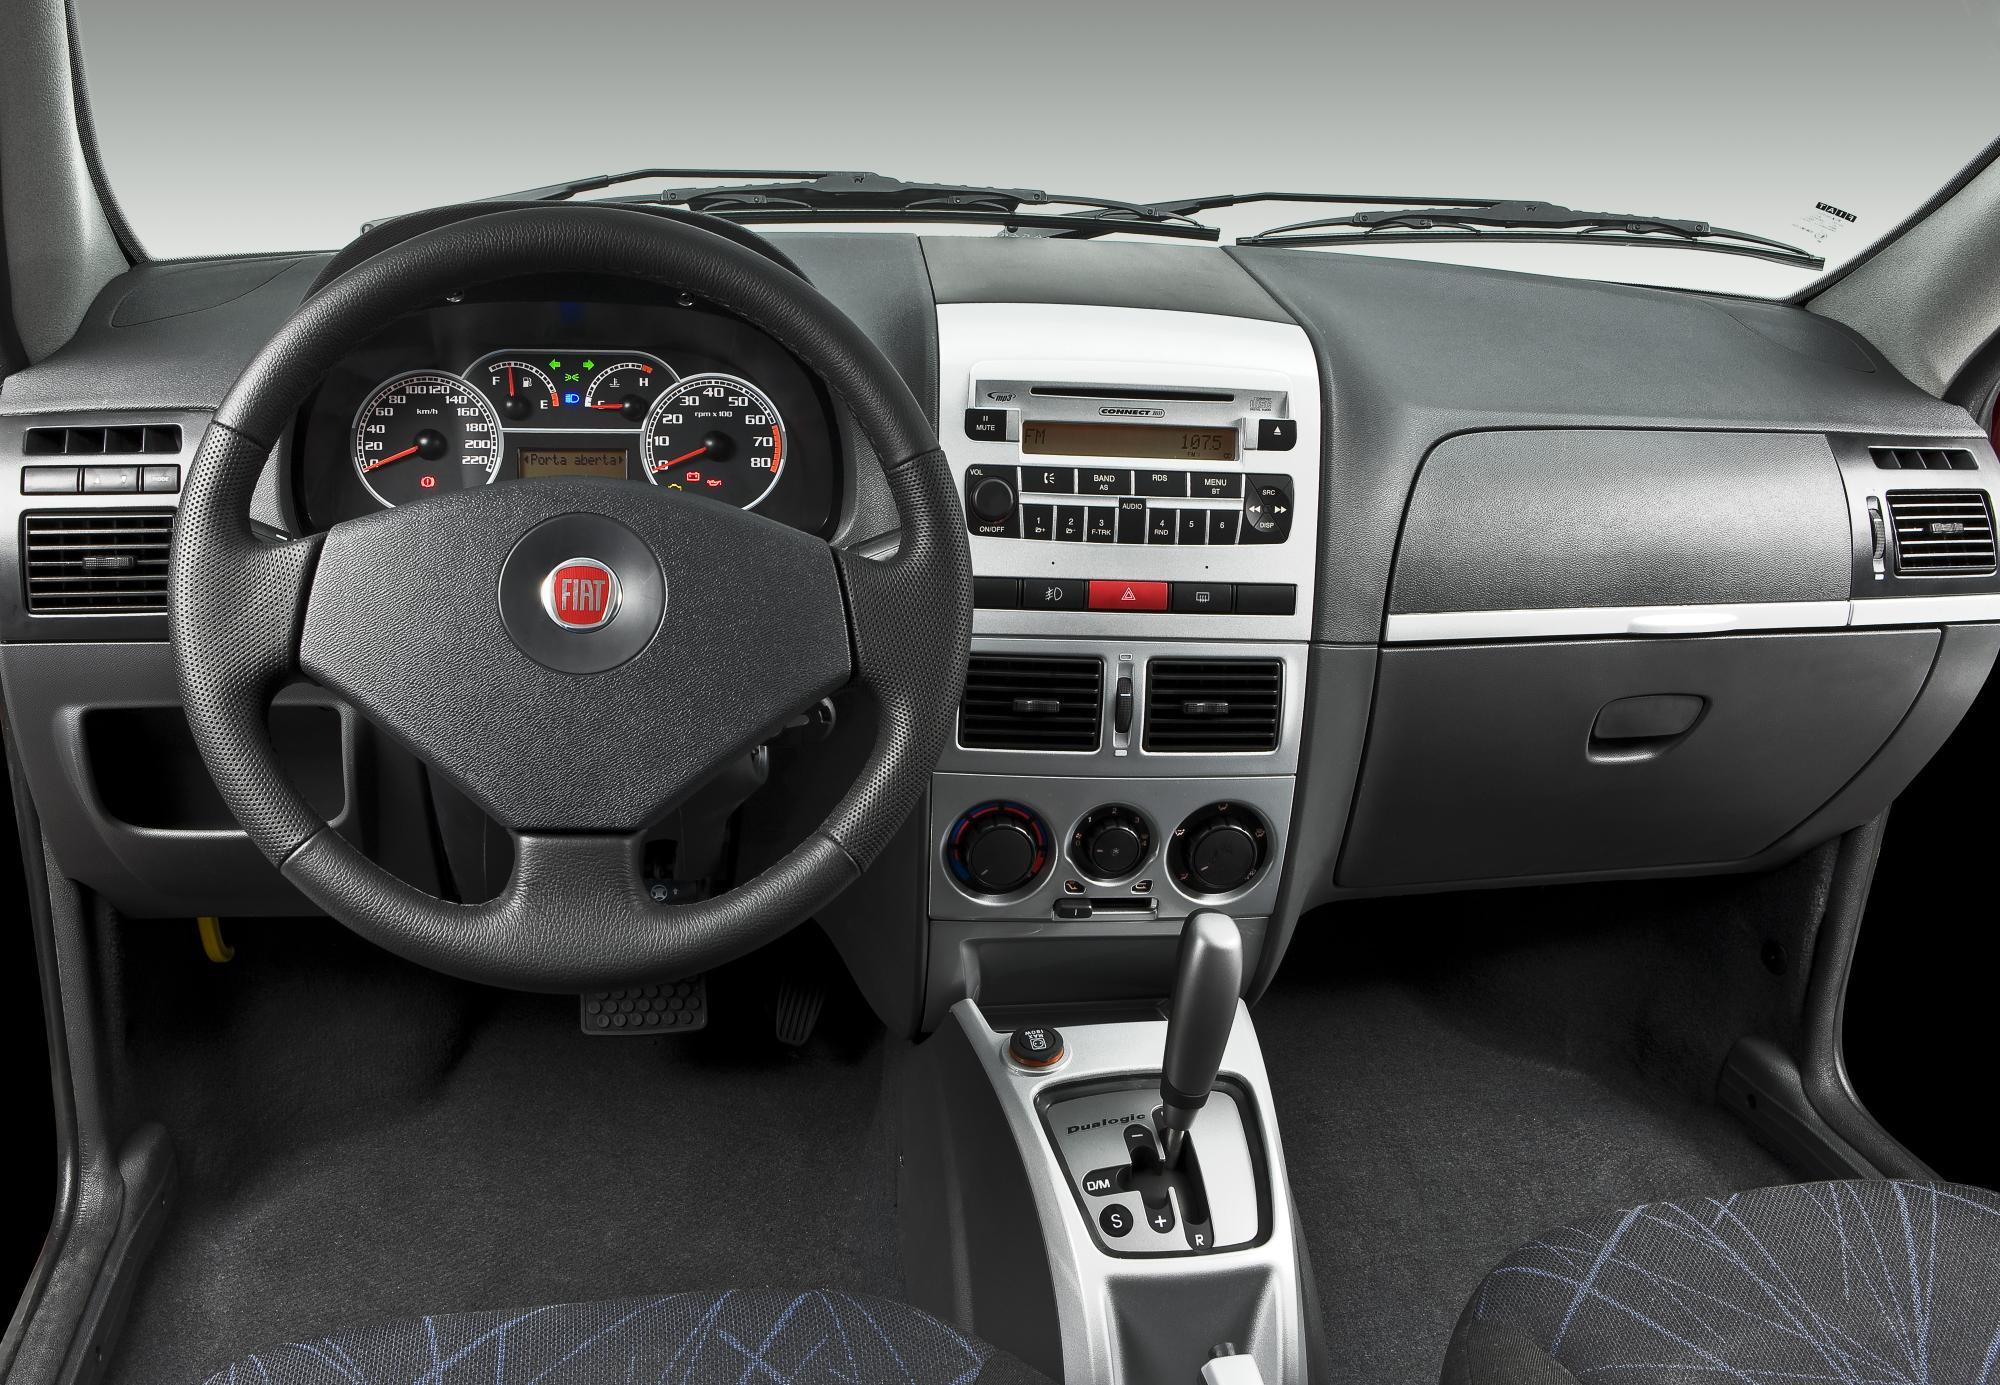 Siena dualogic pit stop for Fiat idea adventure 2008 caracteristicas